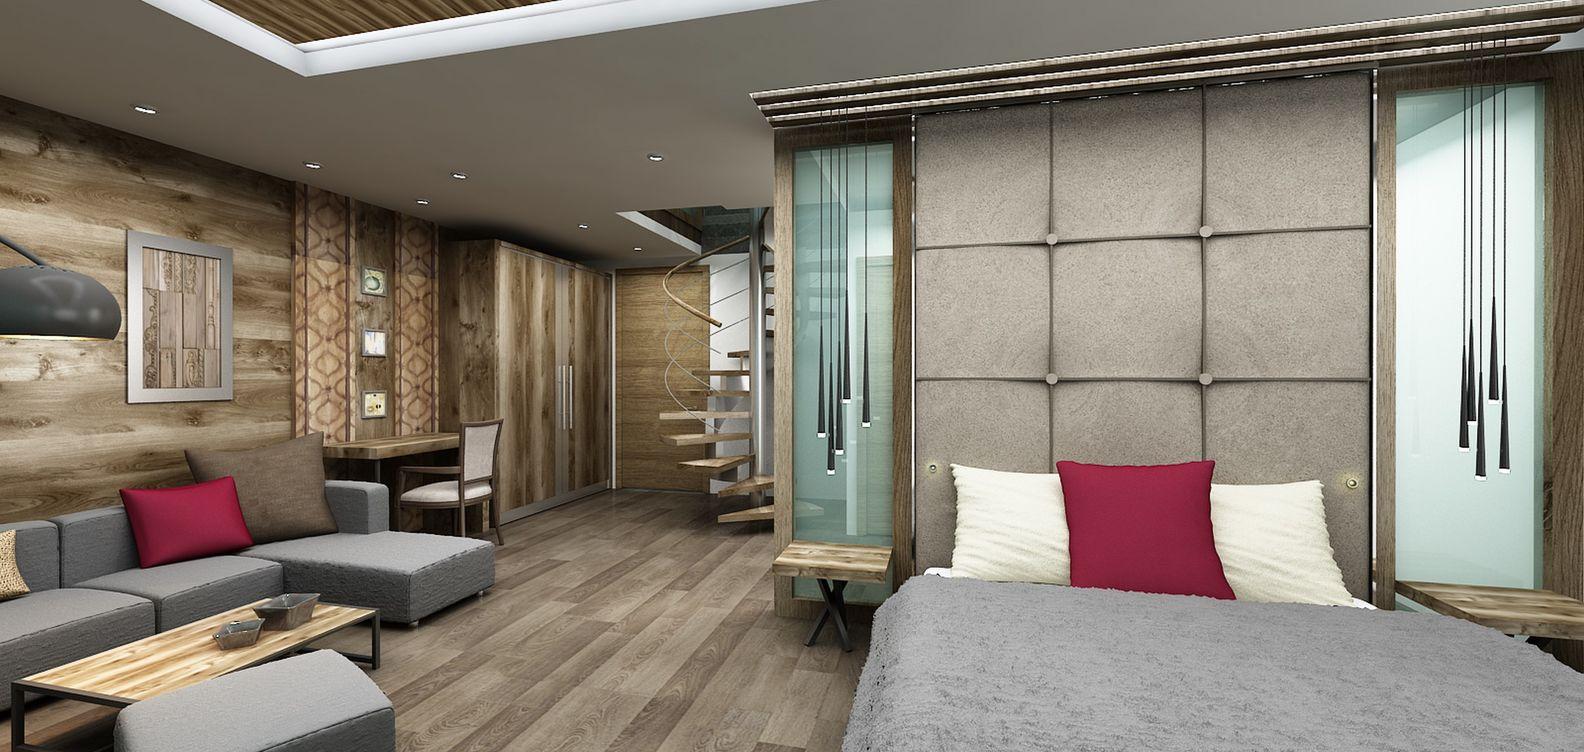 Prezzi vacanza estiva hotel mesnerwirt in alto adige for Piani di aggiunta di suite in legge